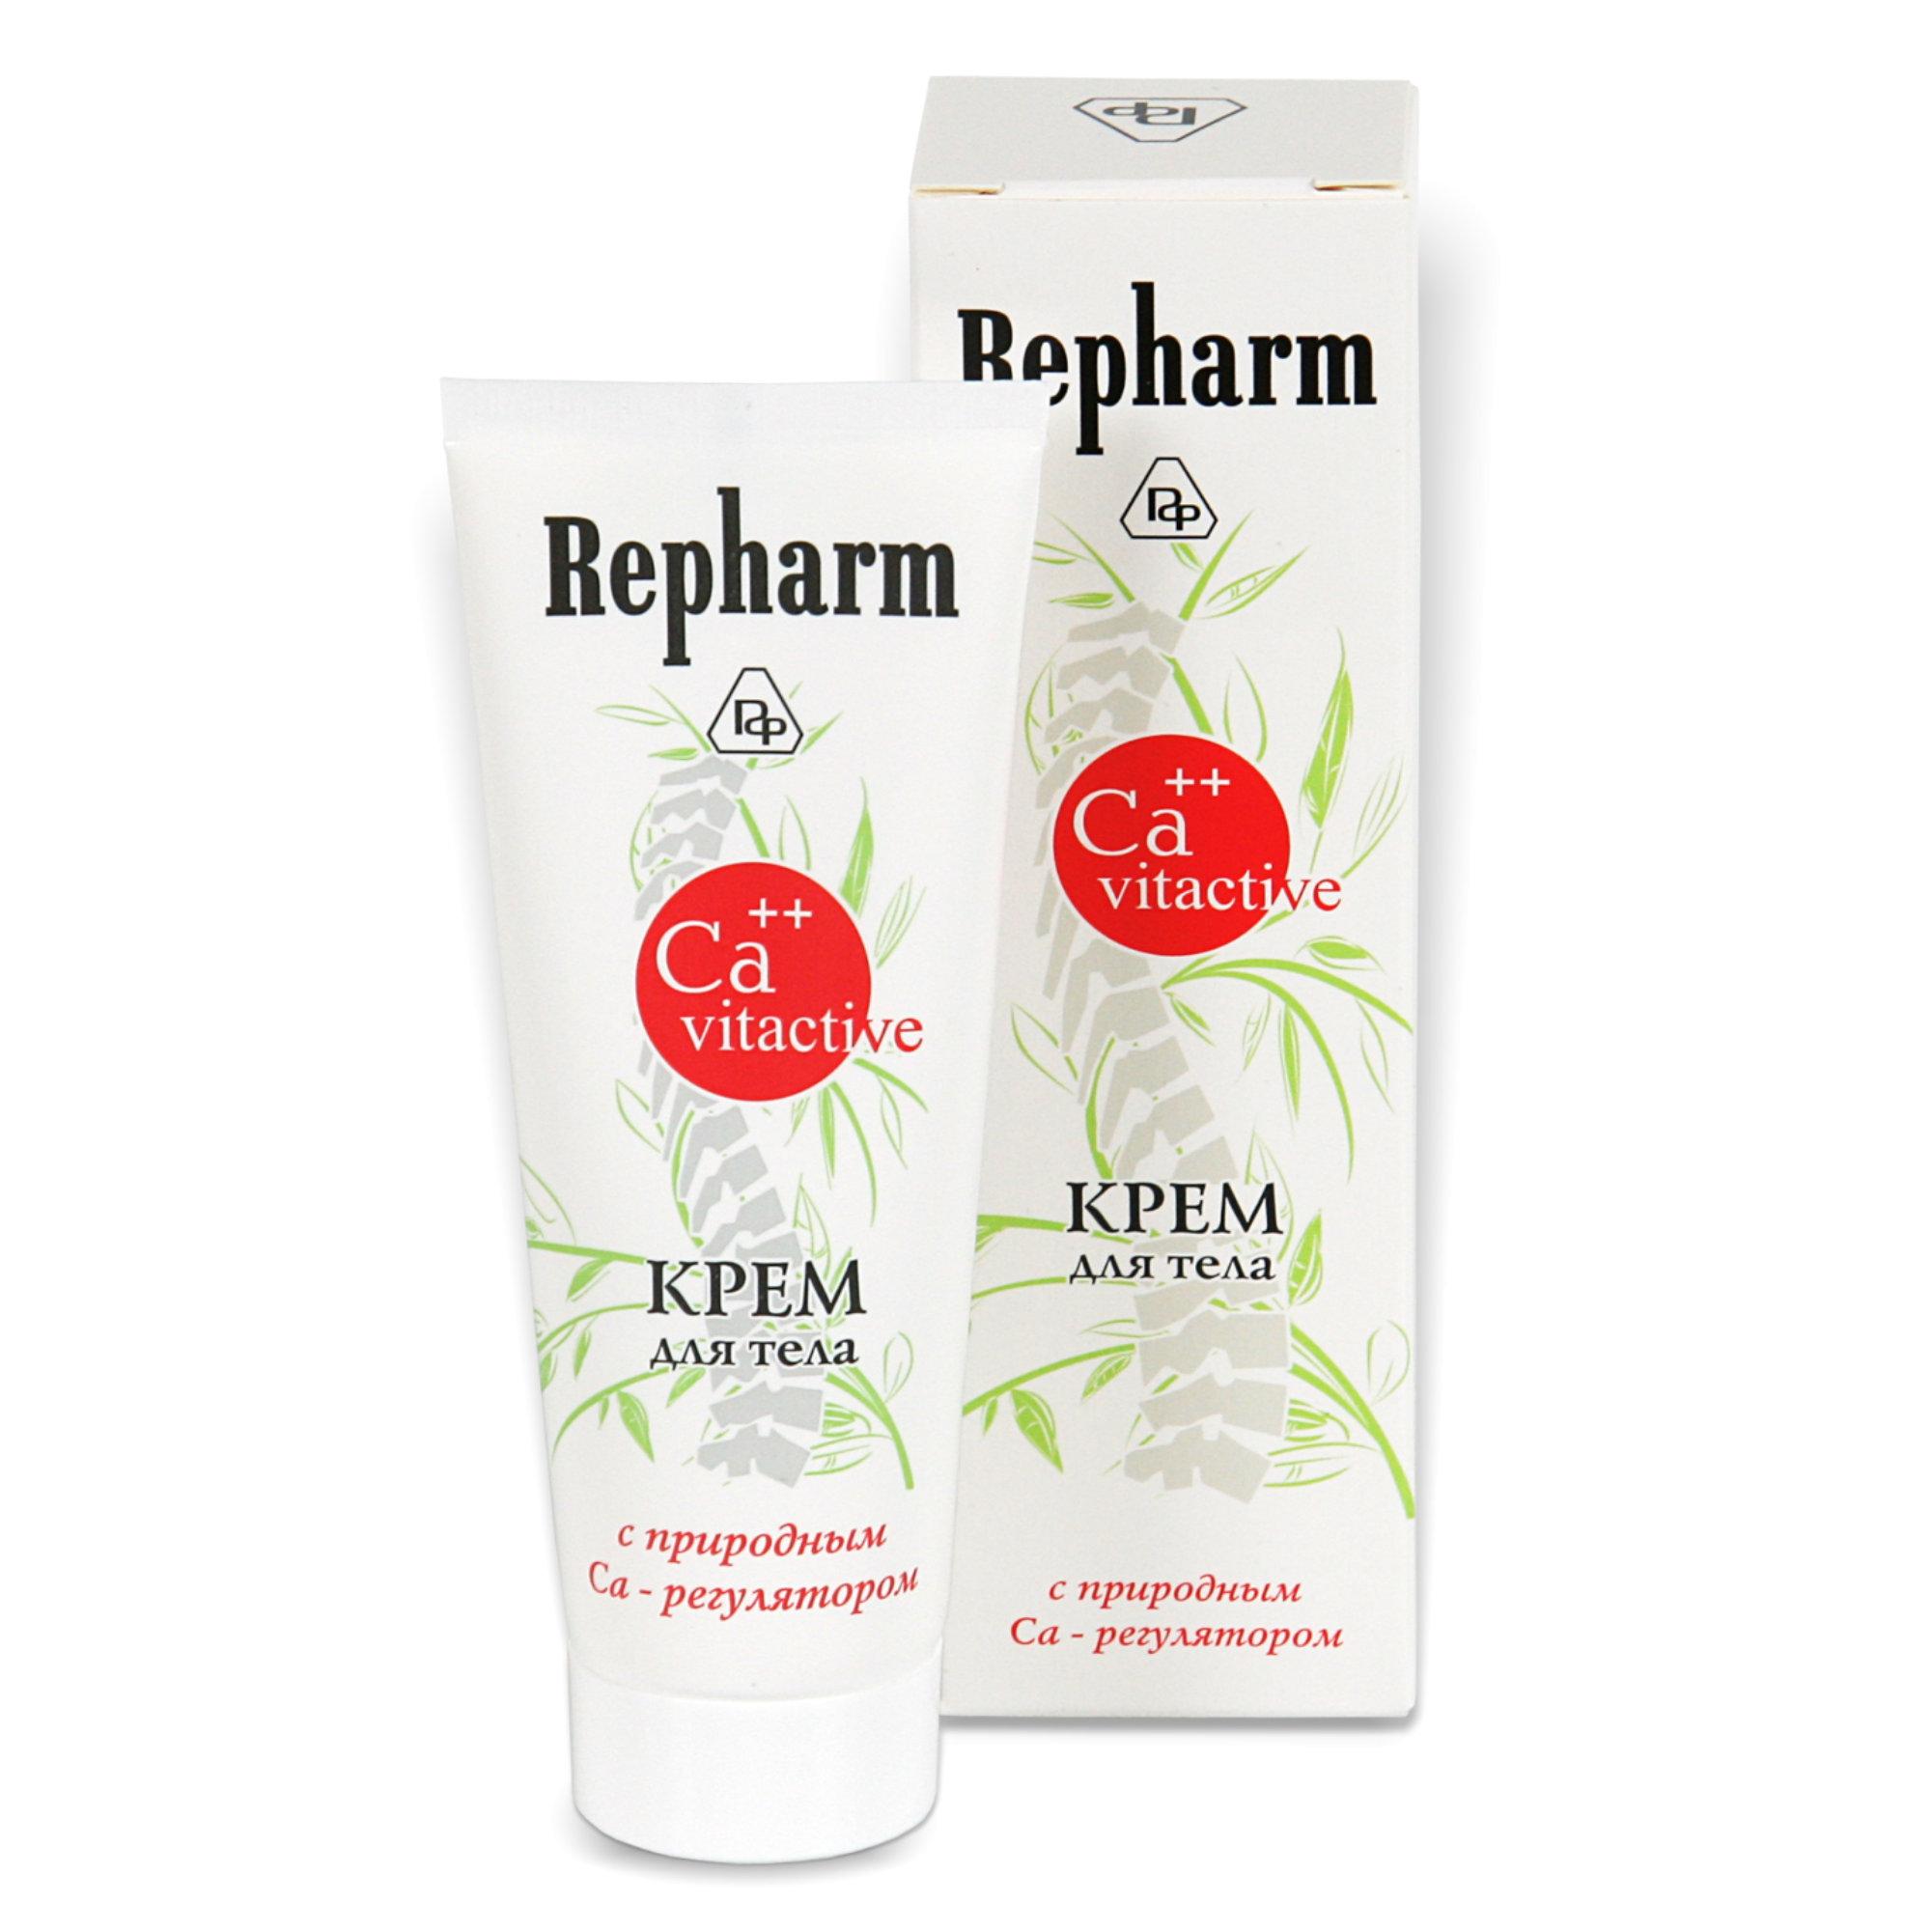 РЕФАРМ Крем для тела  Са++-VITACTIVE  для активной жизни / Repharm 70млКремы<br>Крем для активной жизни с природным кальций-регулирующим комплексом, разогревающими фитокомпонентами   экстрактами красного перца, зверобоя, можжевельника, эфирными маслами эвкалипта и камфоры, активаторами метаболических процессов   янтарной, лимонной кислотами и метилсалицилатом воздействует на многочисленные нервные окончания в коже, реагирует с ионами кальция, предотвращает отложение солей и устраняет неприятные ощущения.<br><br>Объем: 70 мл